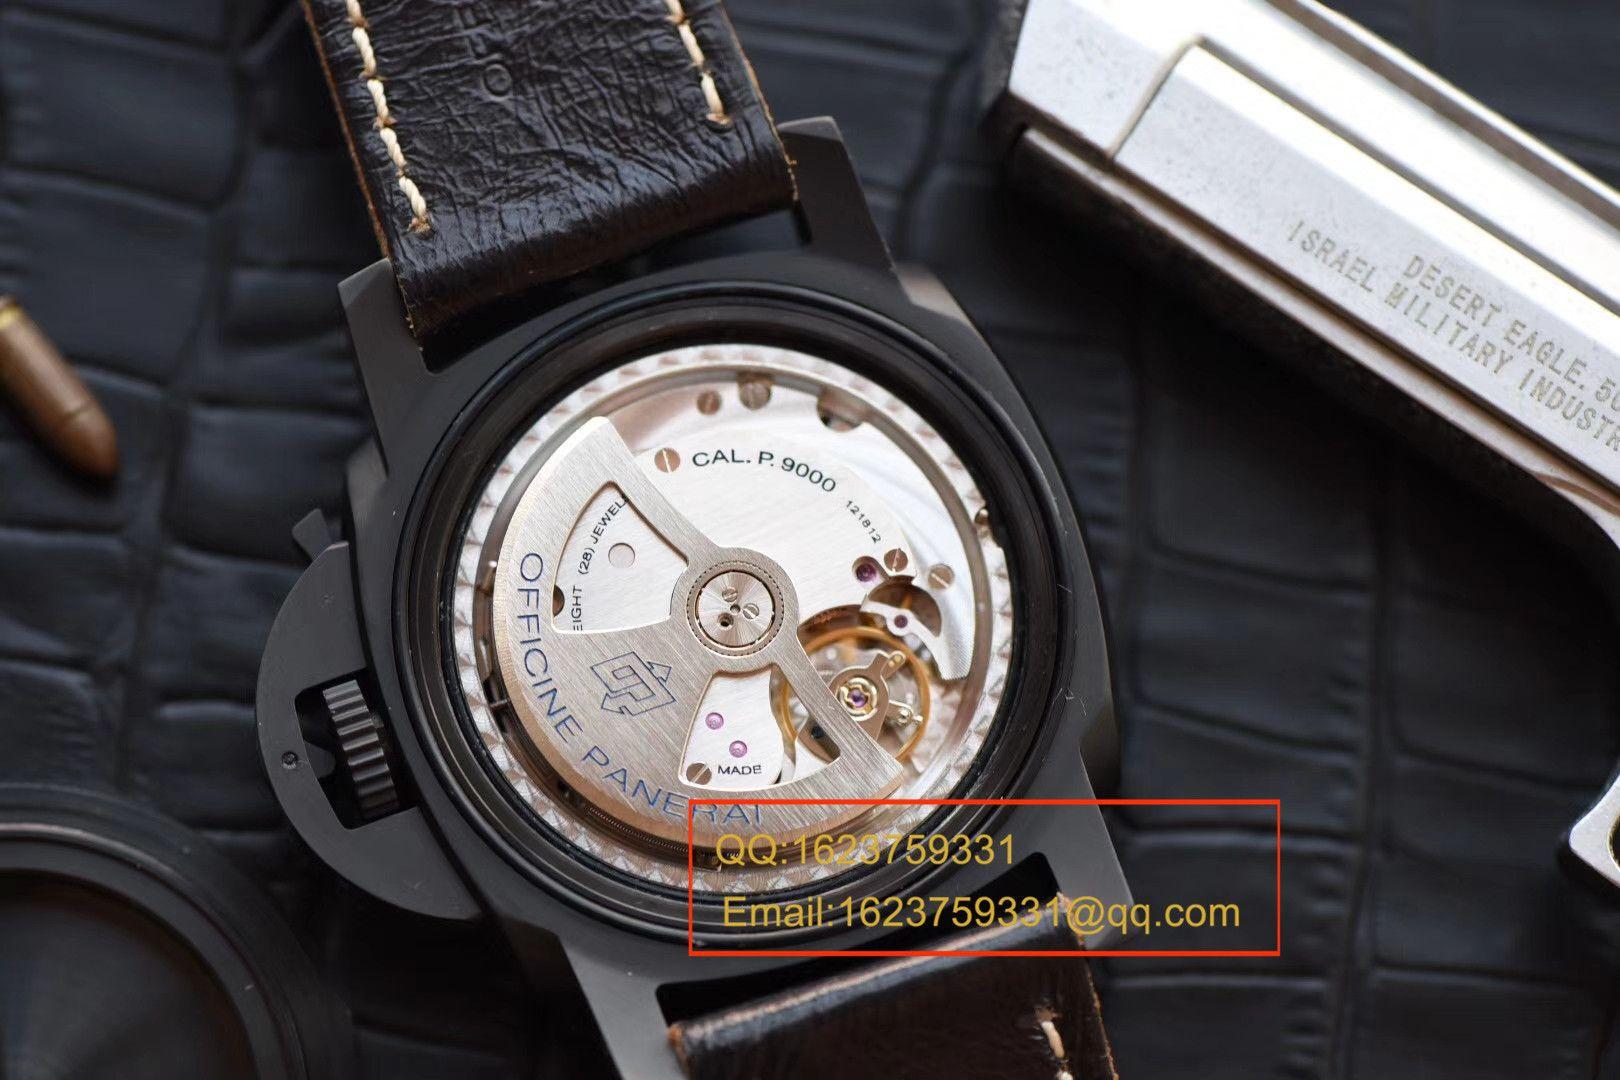 视频评测沛纳海特别版腕表系列PAM 00508腕表【VS一比一顶级复刻手表】VS 508 V2 升级版 / VSPAM00508MM